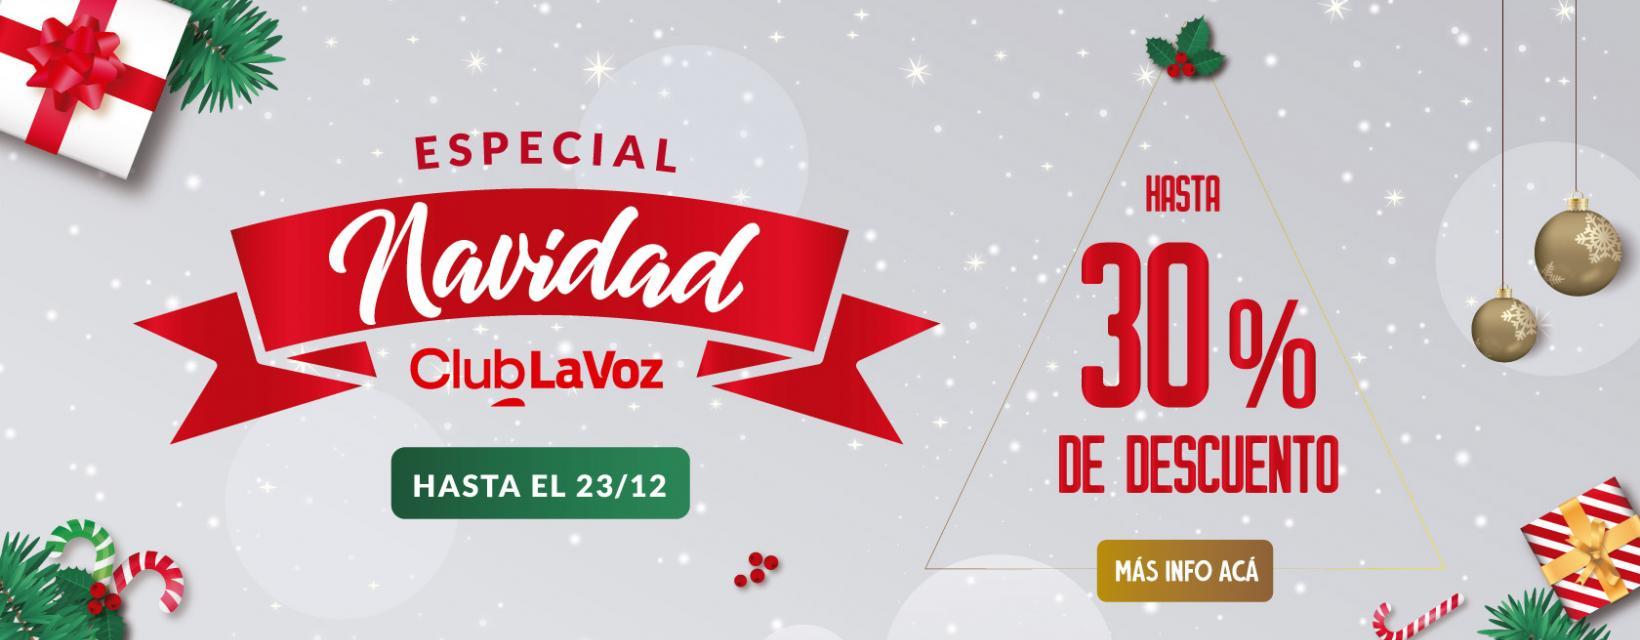 Especial Navidad 2018 BANNER